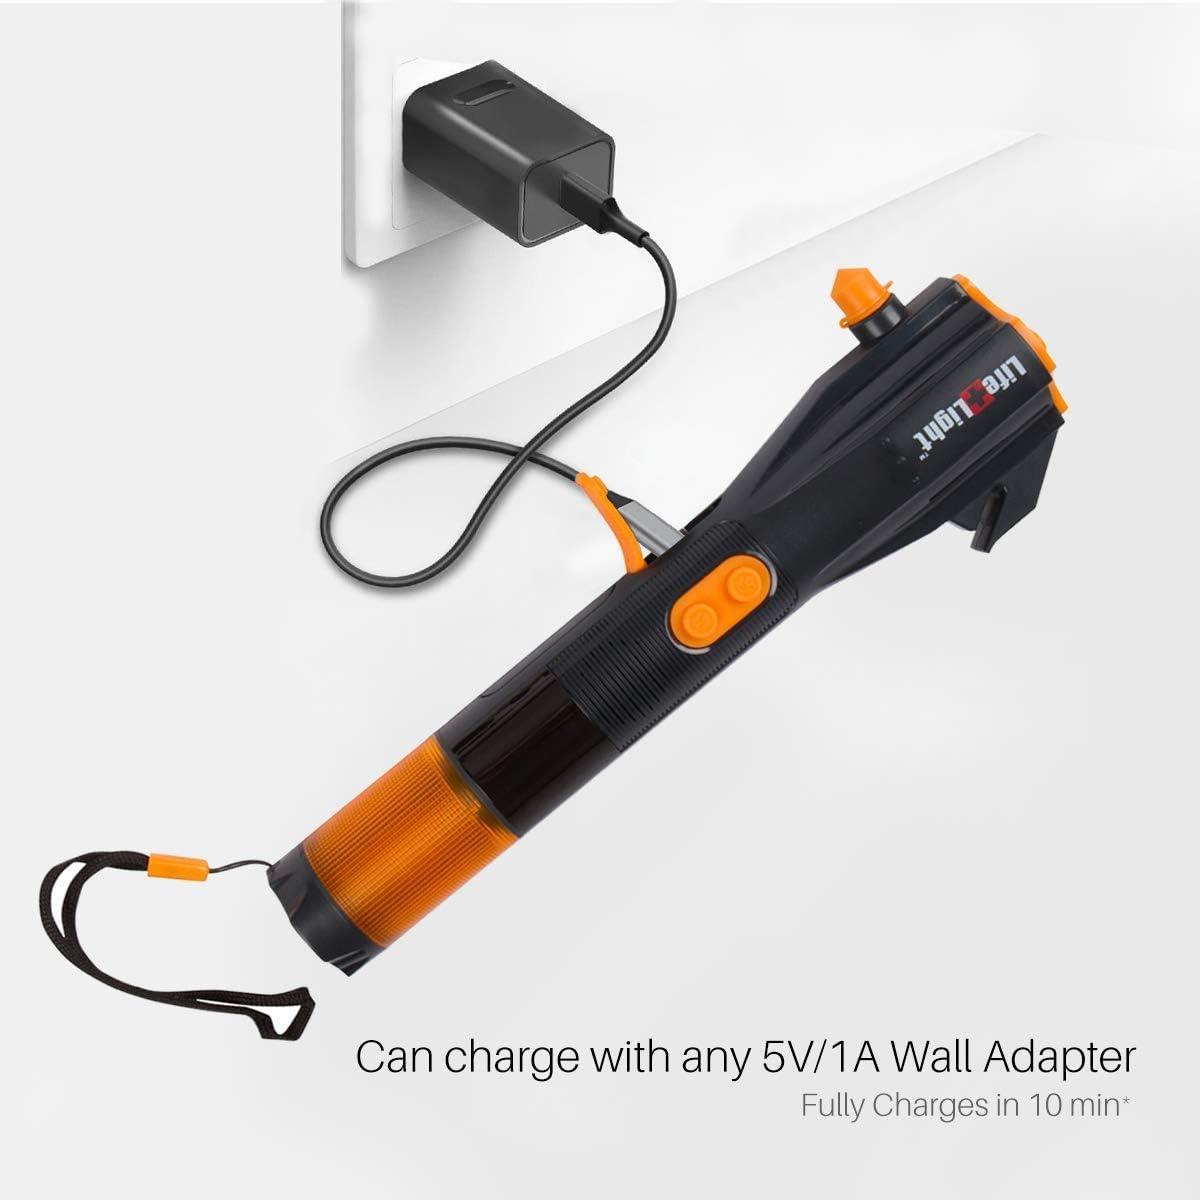 Notfall-Auto-Escape-Toolkit Handkurbel-Ladeger/ät Wasserfest Mehrzweck-Handkurbel-Taschenlampe LED Notfall-Taschenlampe Auto Fensterbrecher und Gurtschneider